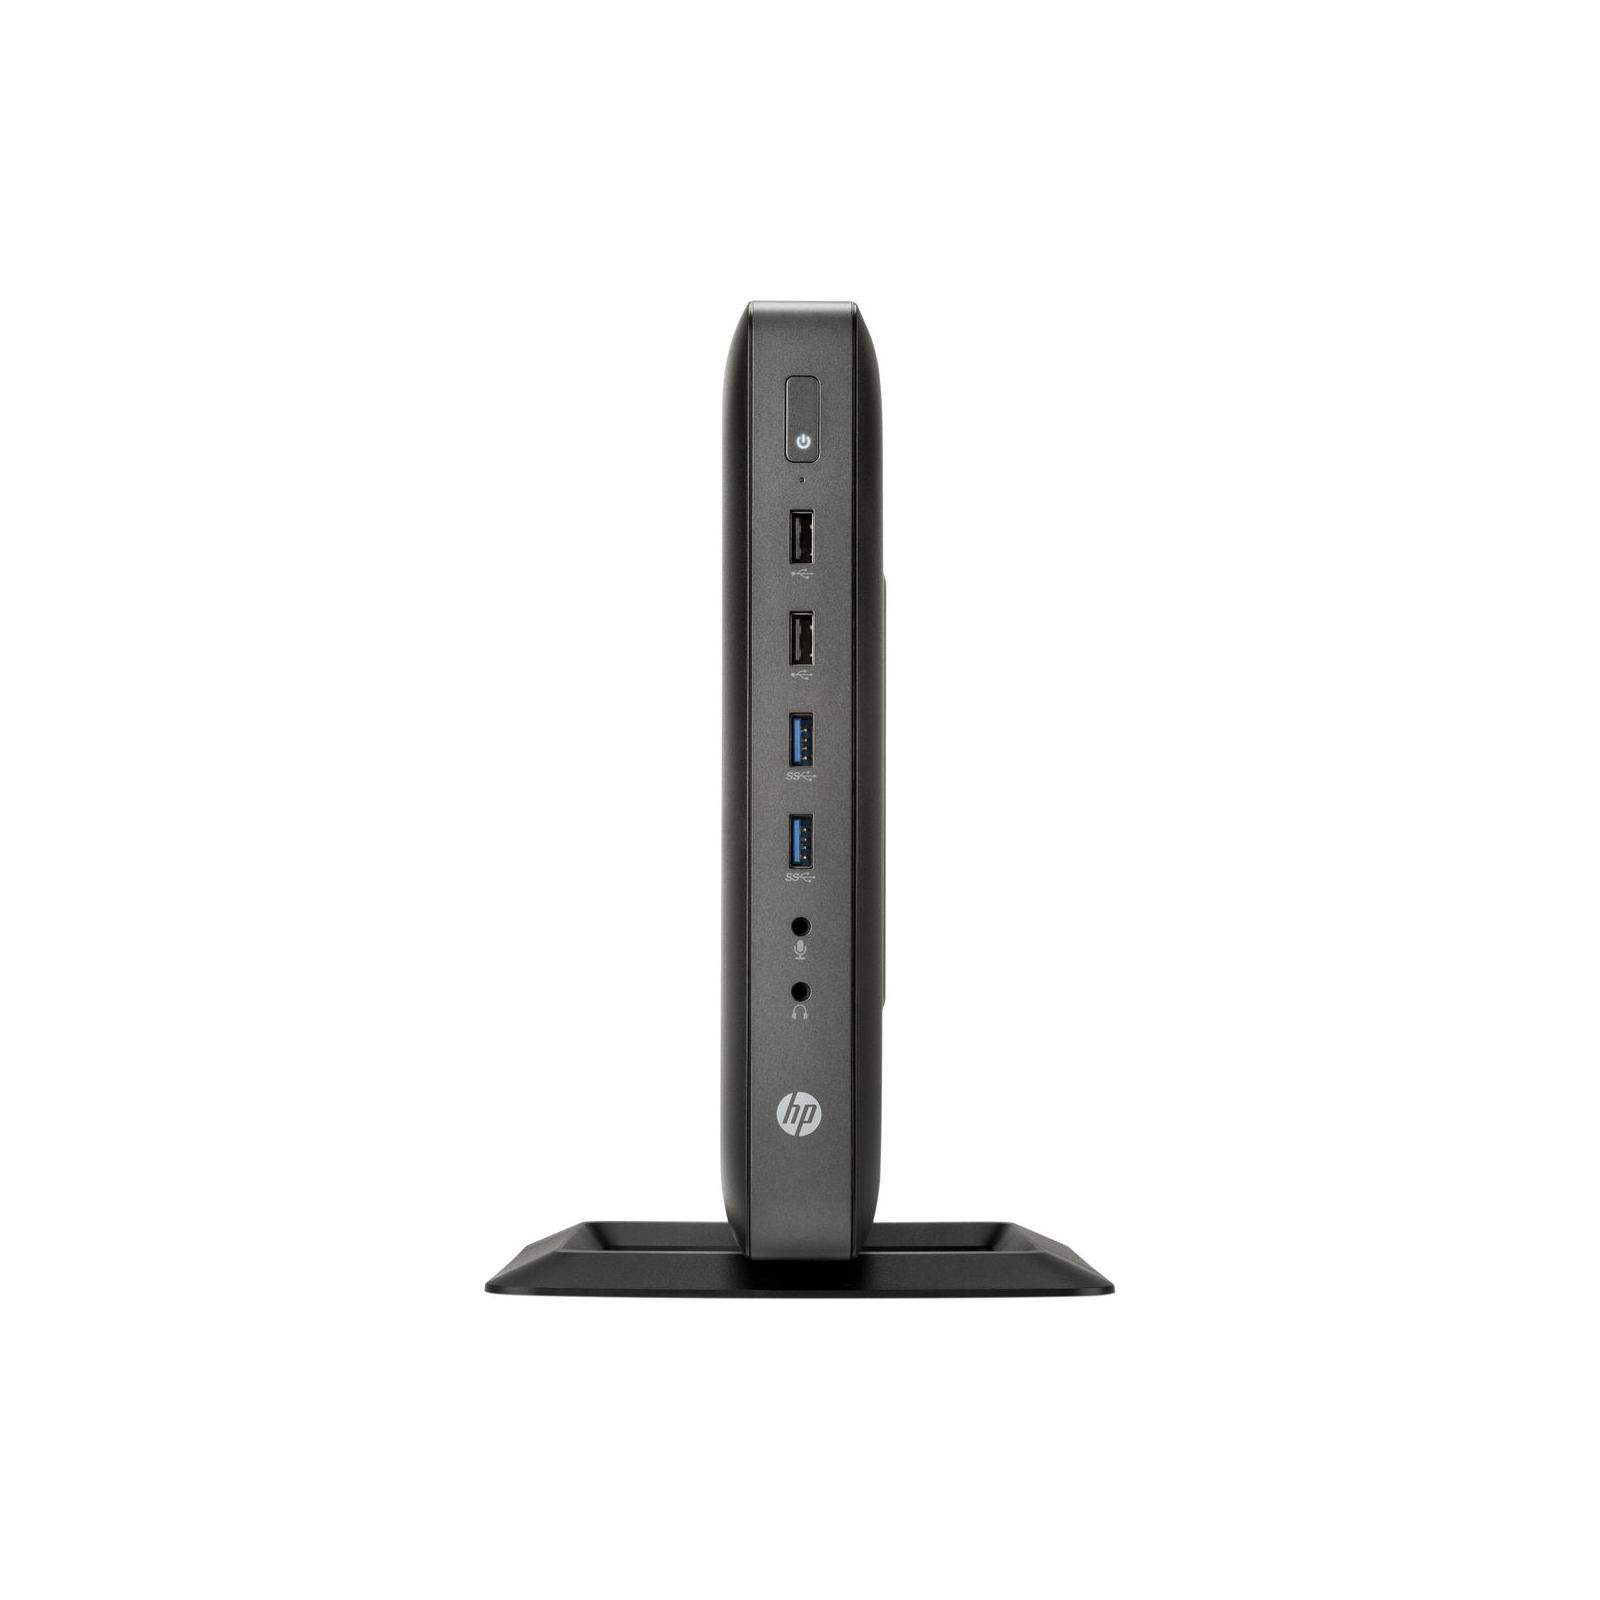 Компьютер HP t620 (F5A58AA) изображение 2